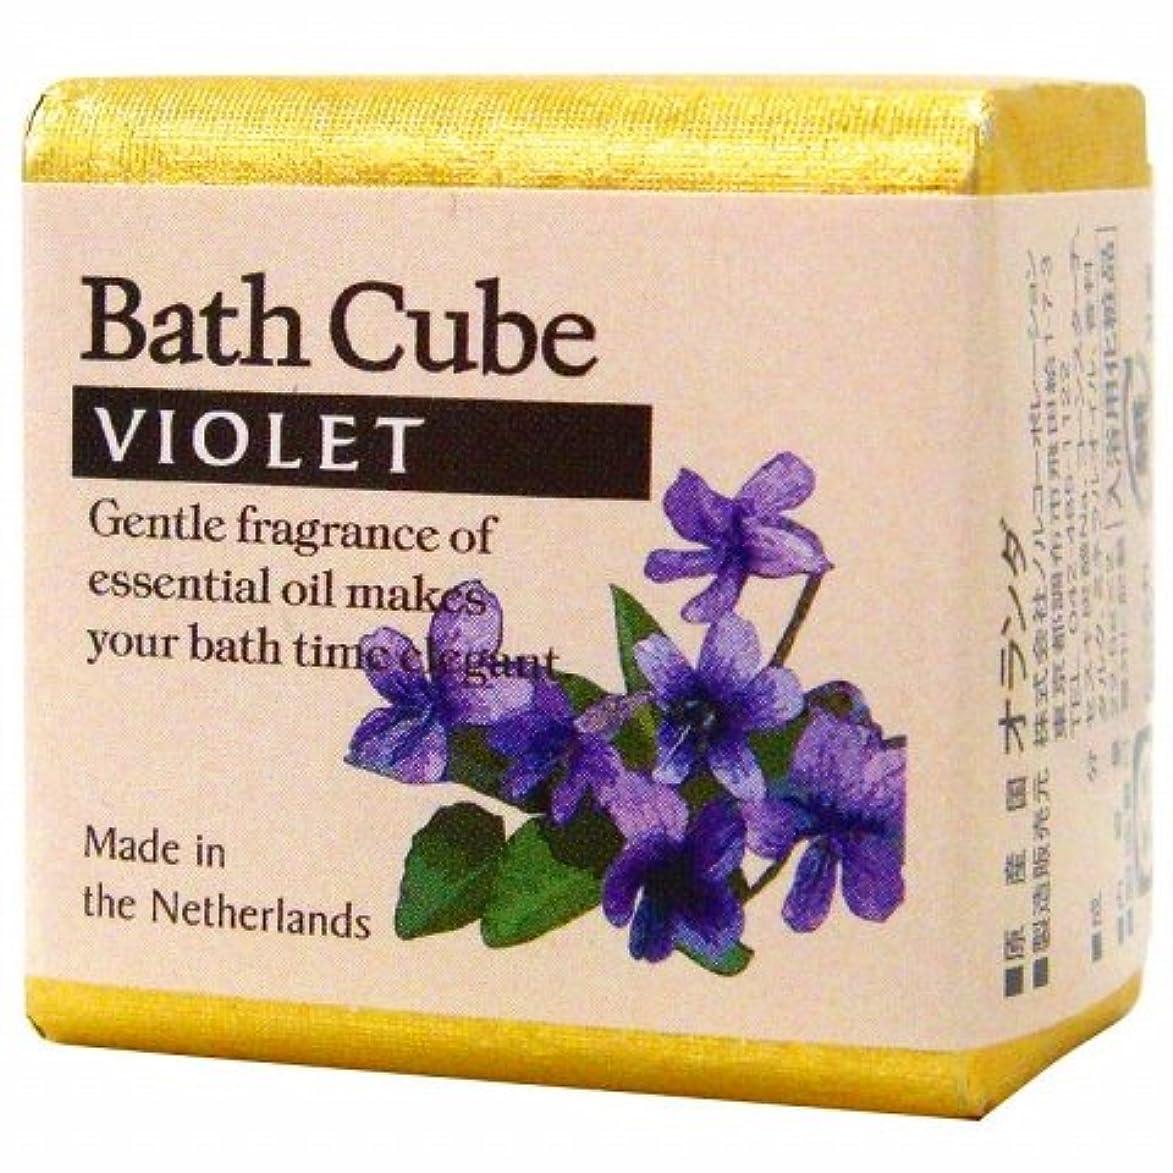 ワーディアンケース病気の悲観的フレグランスバスキューブ「バイオレット」12個セット 上品でかわいらしいすみれの香り